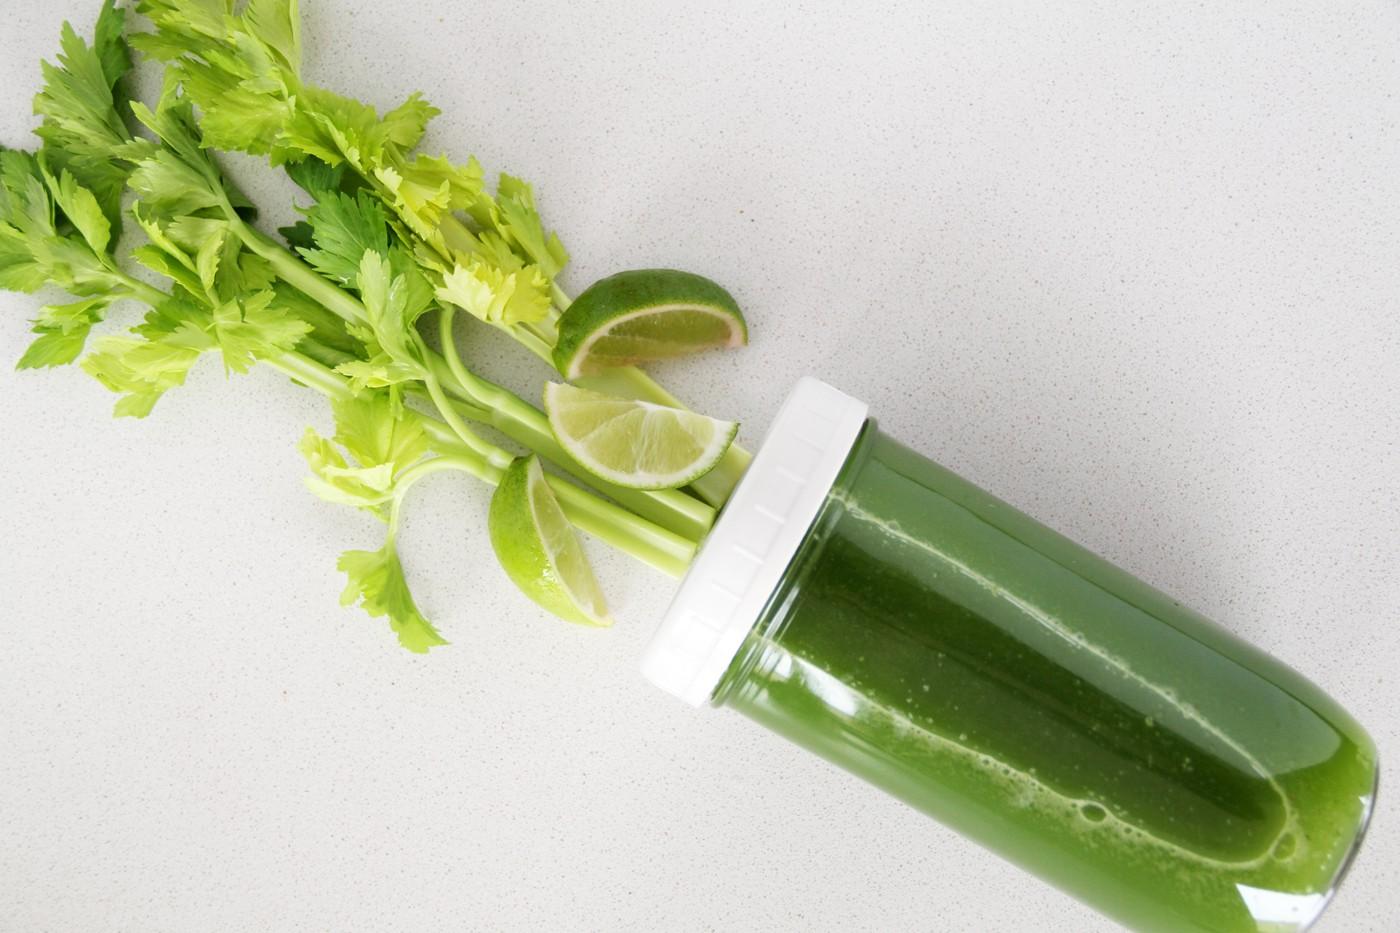 Mách bạn 5 công thức nước ép cần tây vừa đơn giản vừa cực dễ tìm nguyên liệu - Ảnh 1.